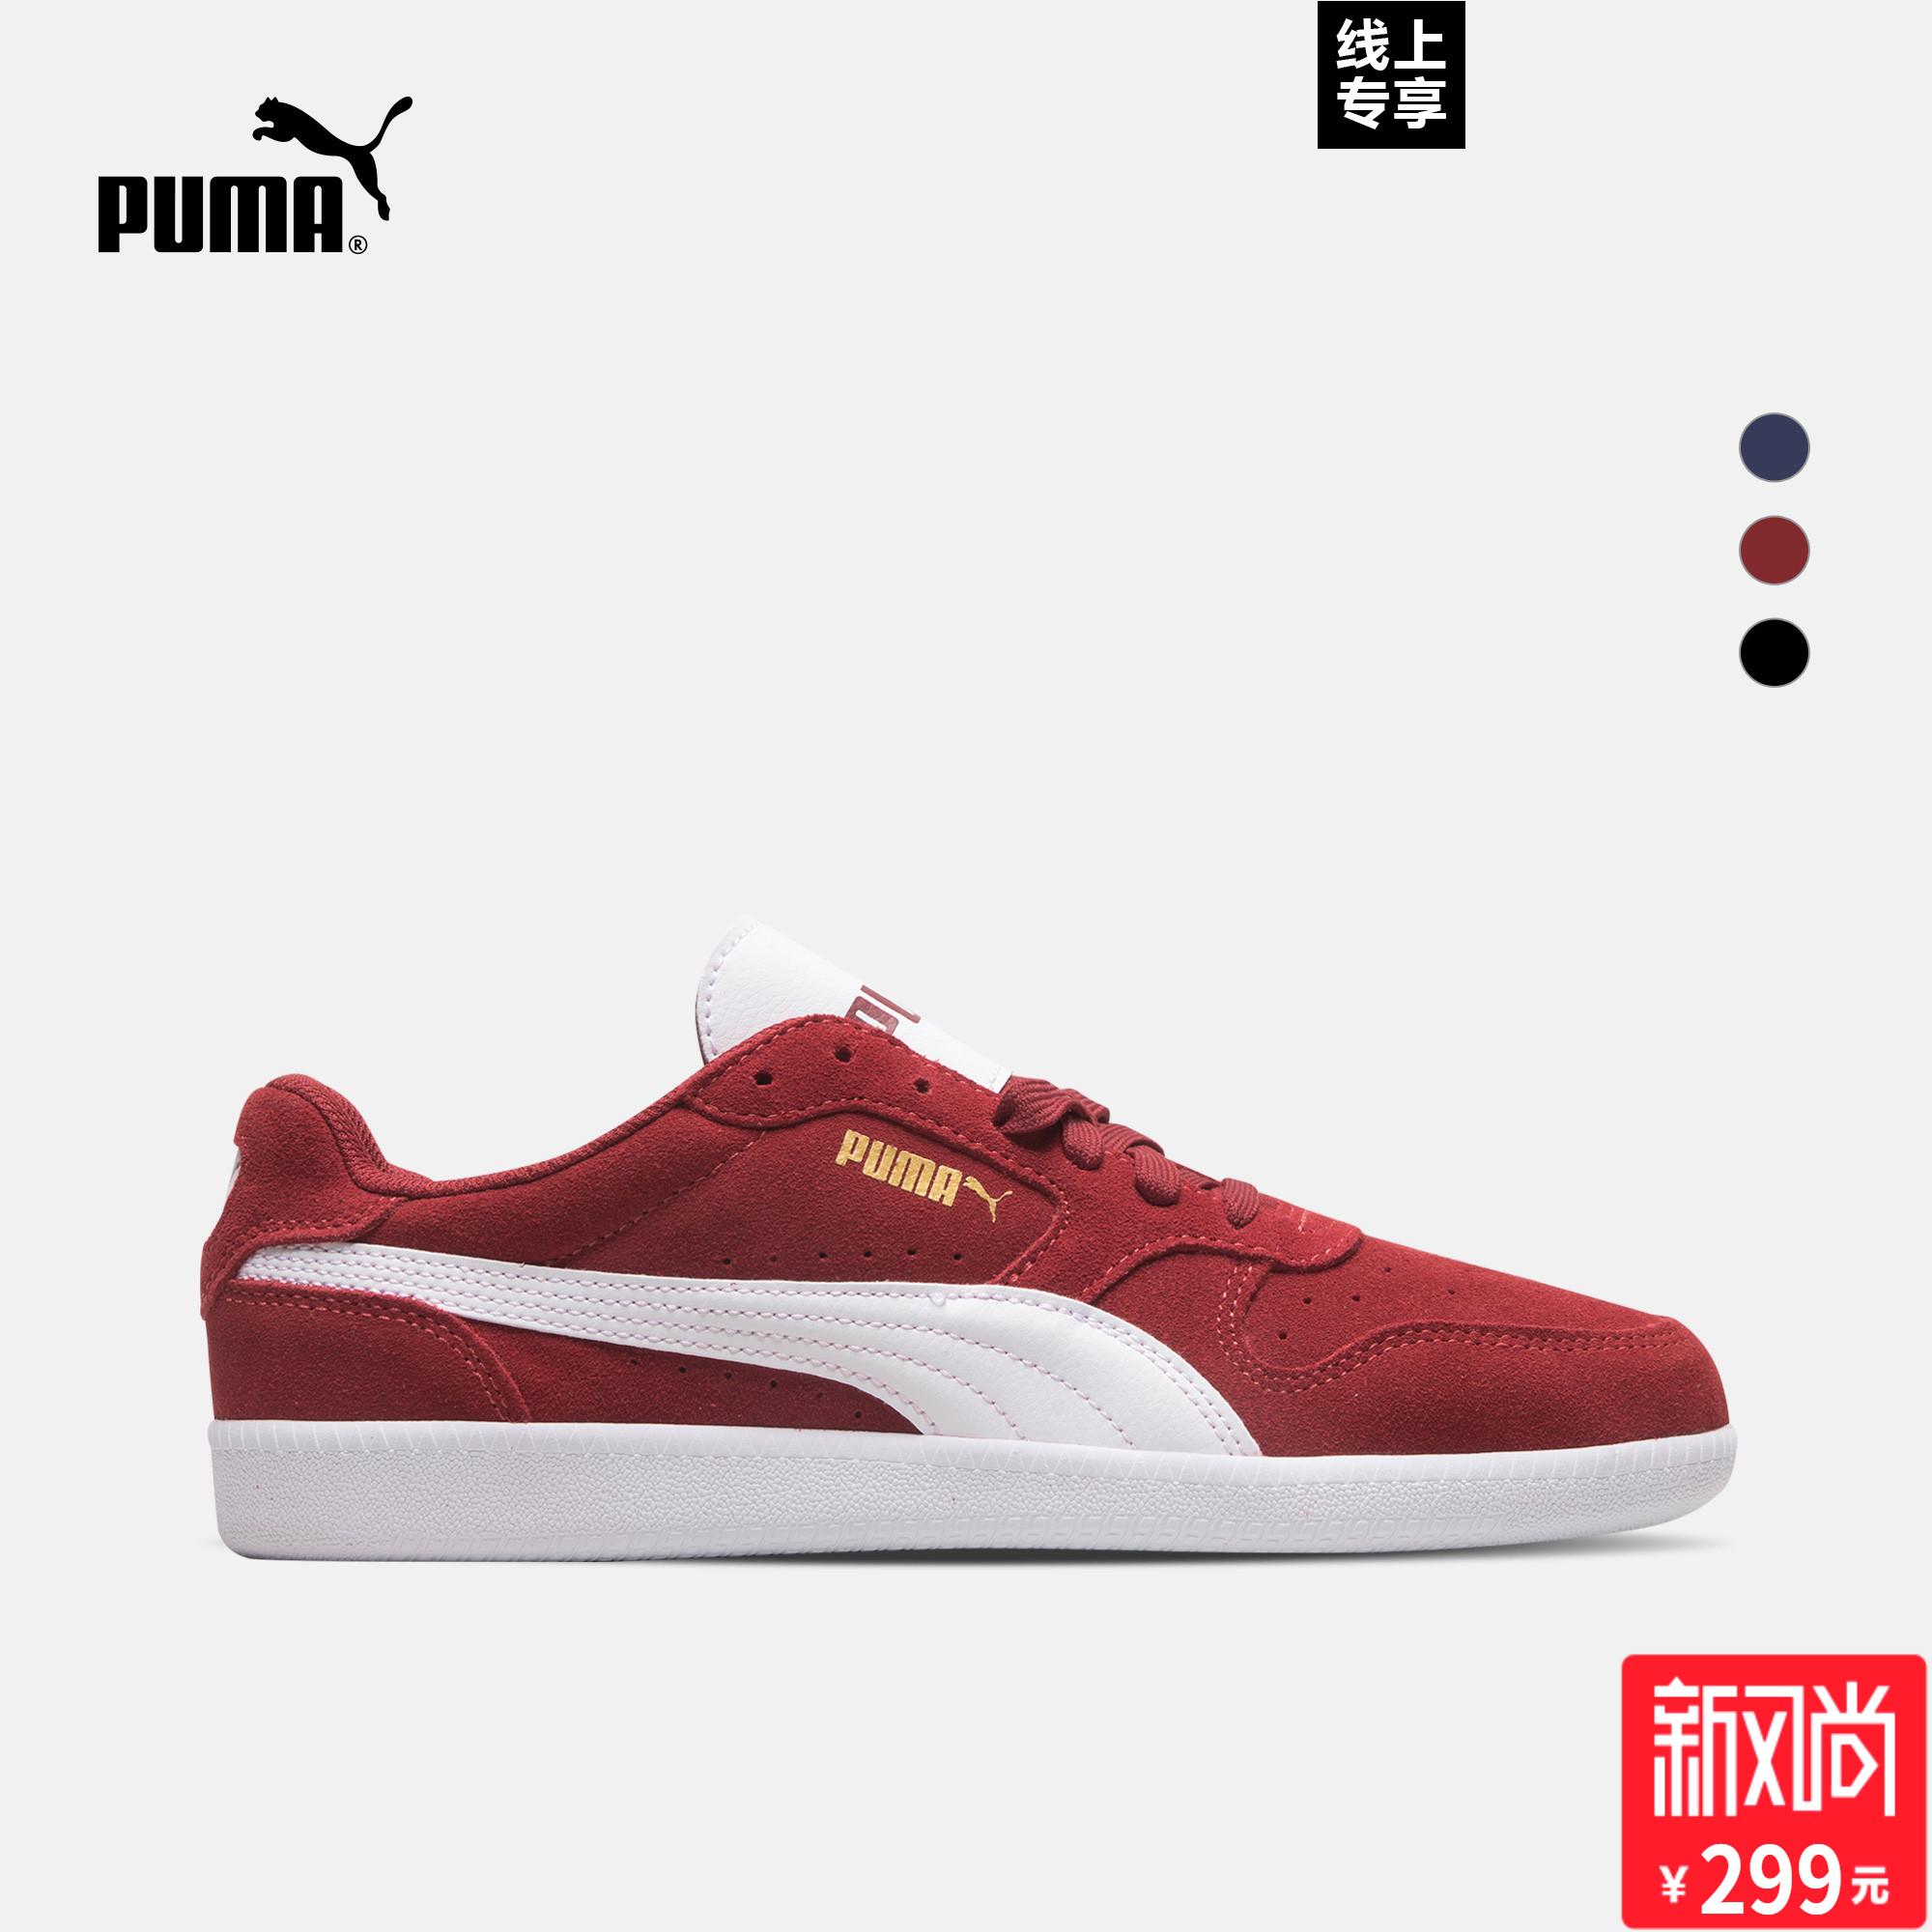 Купить из Китая Женская спортивная обувь через интернет магазин internetvitrina.ru - посредник таобао на русском языке